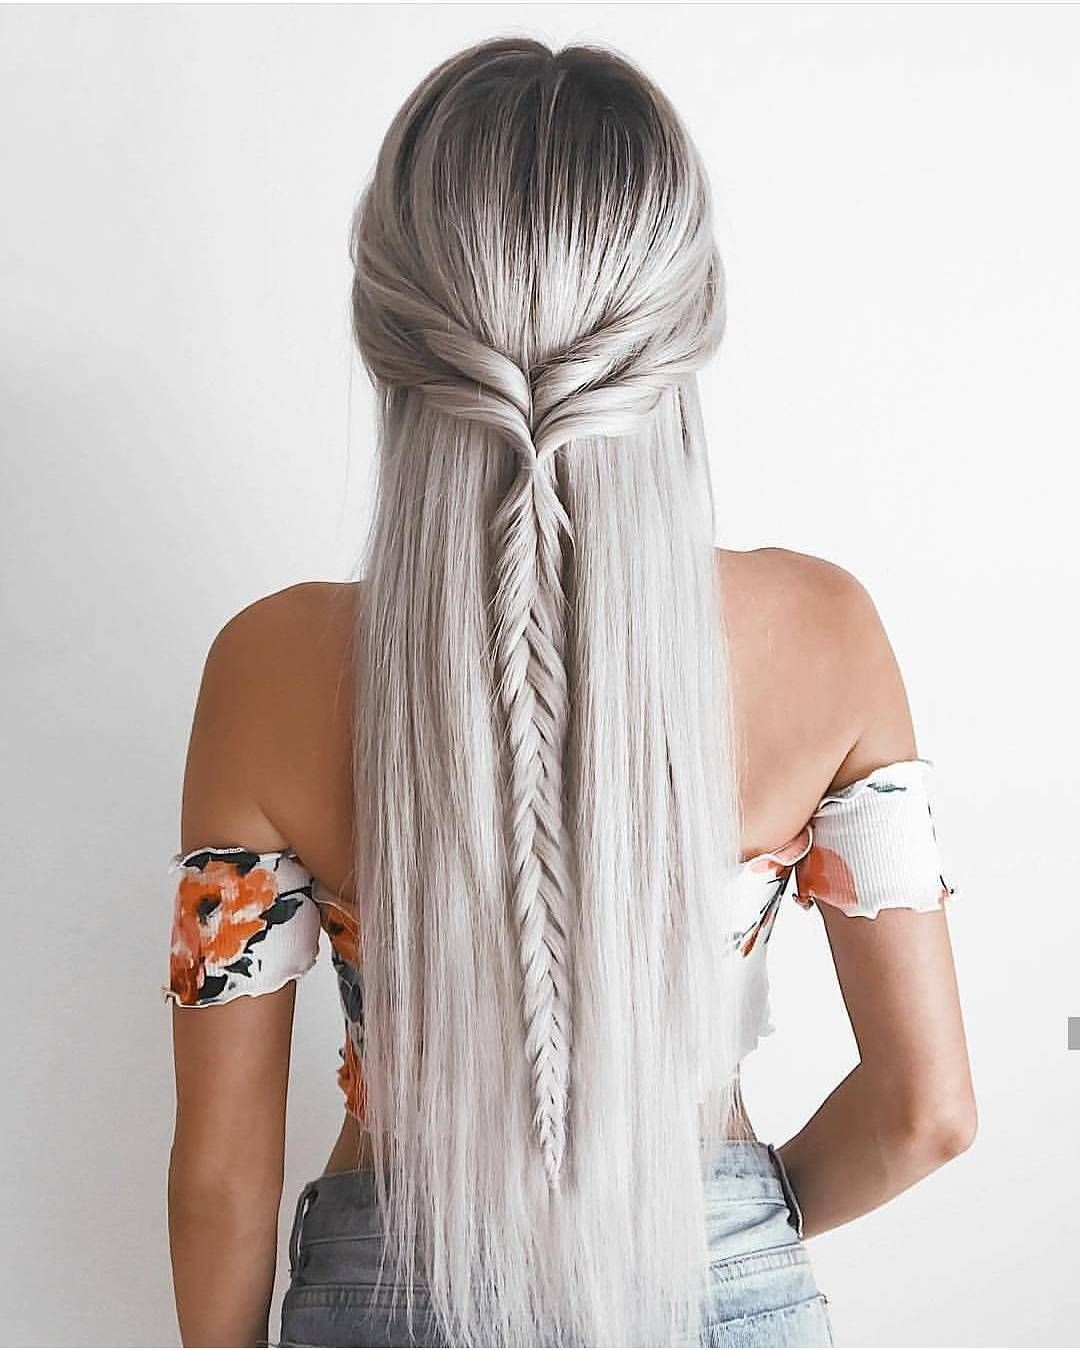 R4r Glamour Straighthair Longhair Discoverunder10k Discoverunder100k Discoverunder1k Summer Silver Hair Styles Long Hair Styles Haircuts For Long Hair